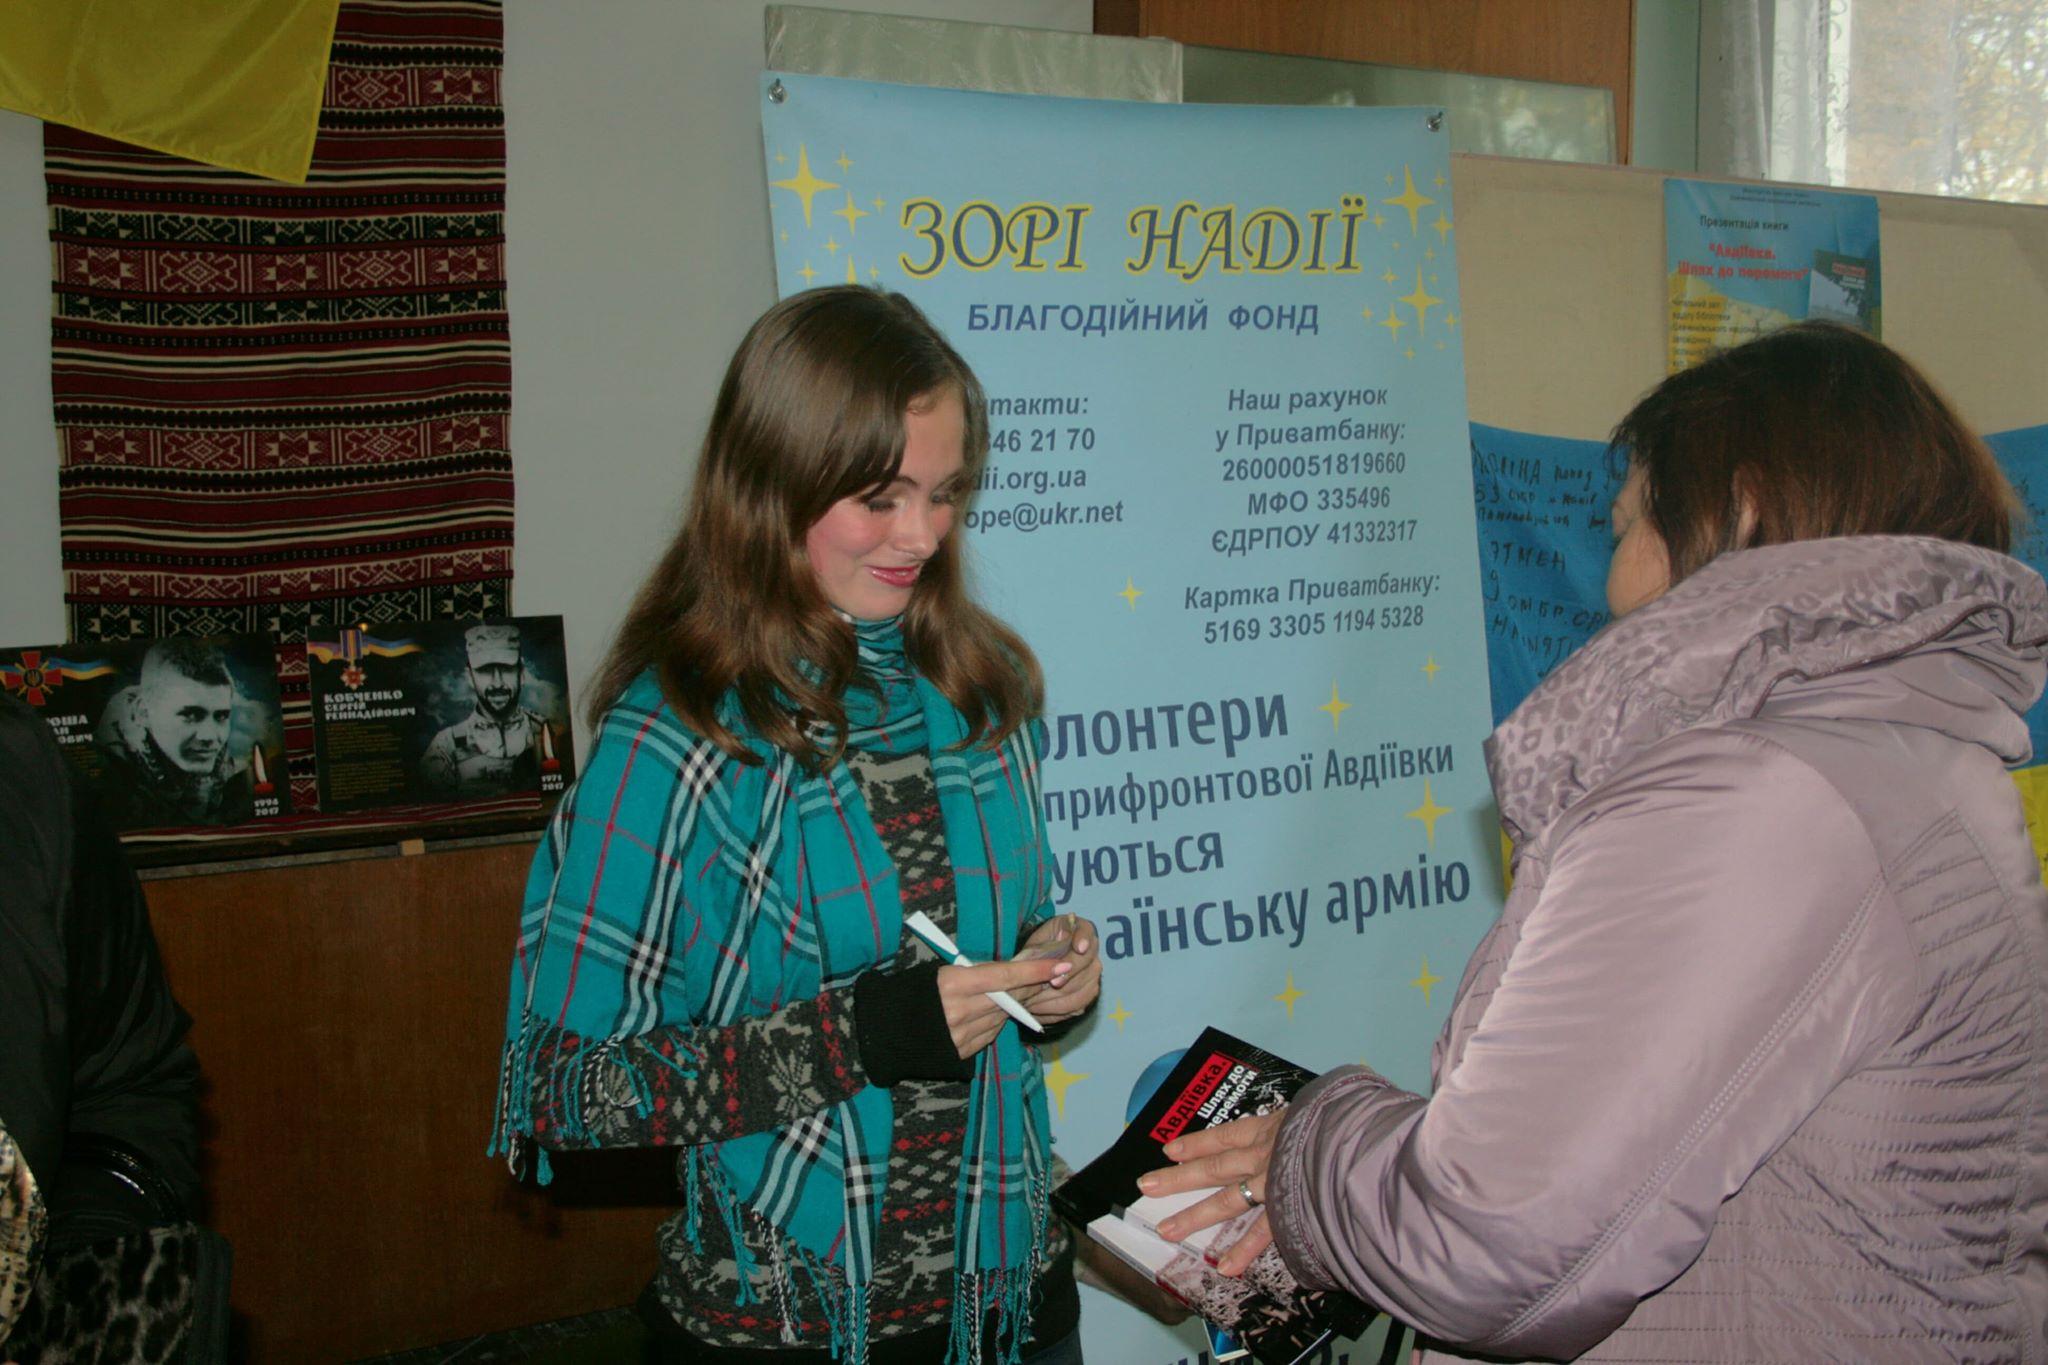 Аліна Косовська на презентації книги Авдіївка шлях до перемоги у Каневі